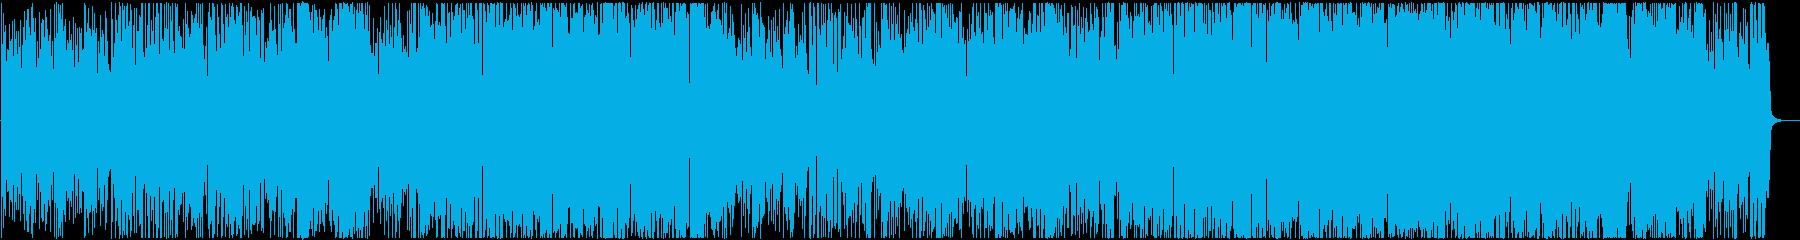 80年台ディスコを彷彿とさせるブラス曲の再生済みの波形